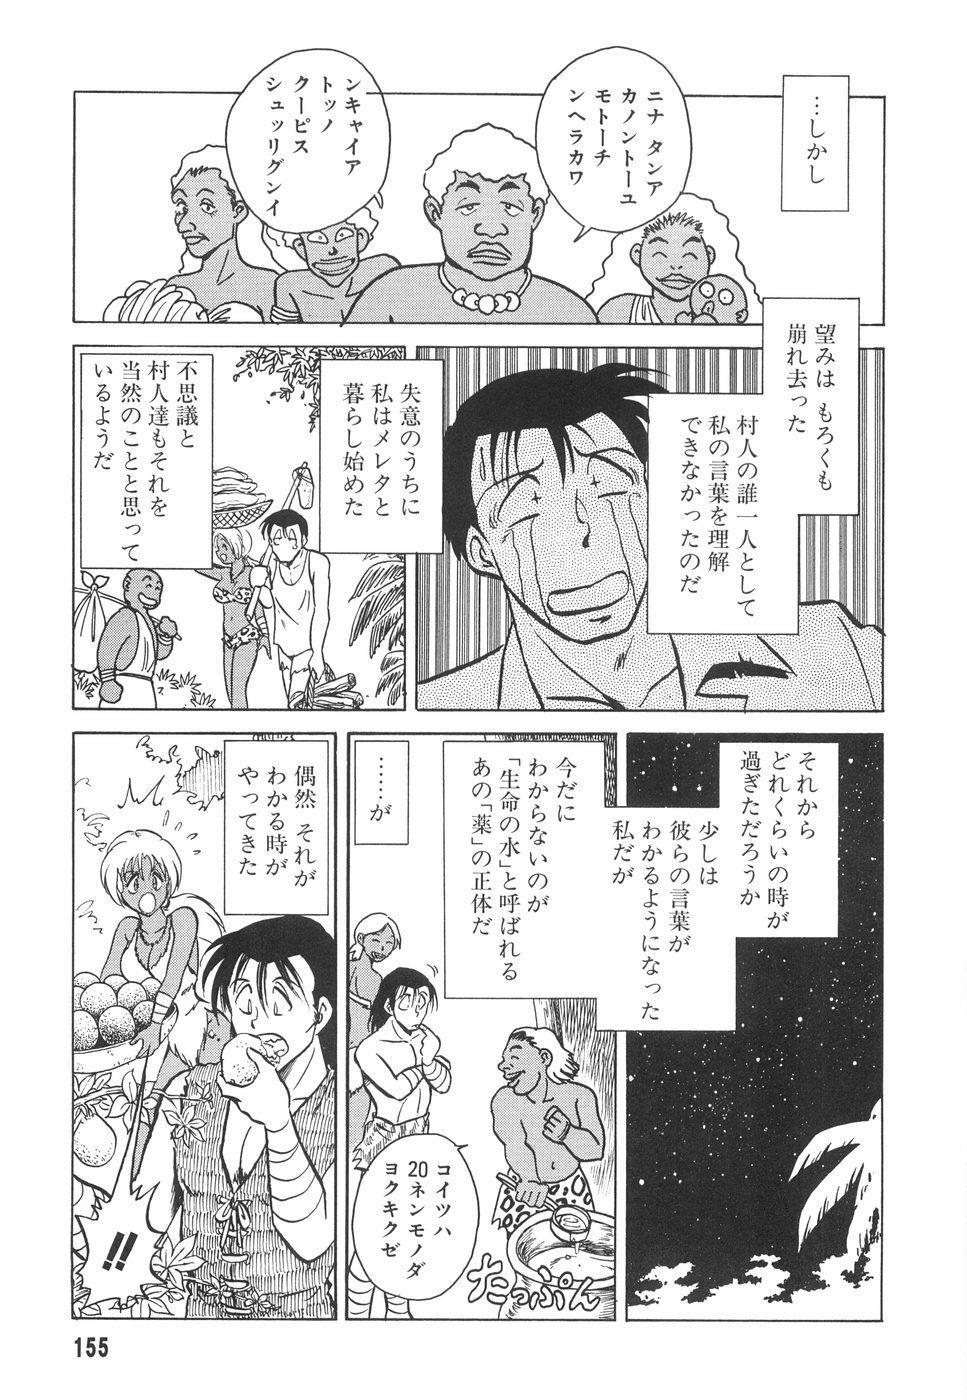 Hazukashime no Jikan 155